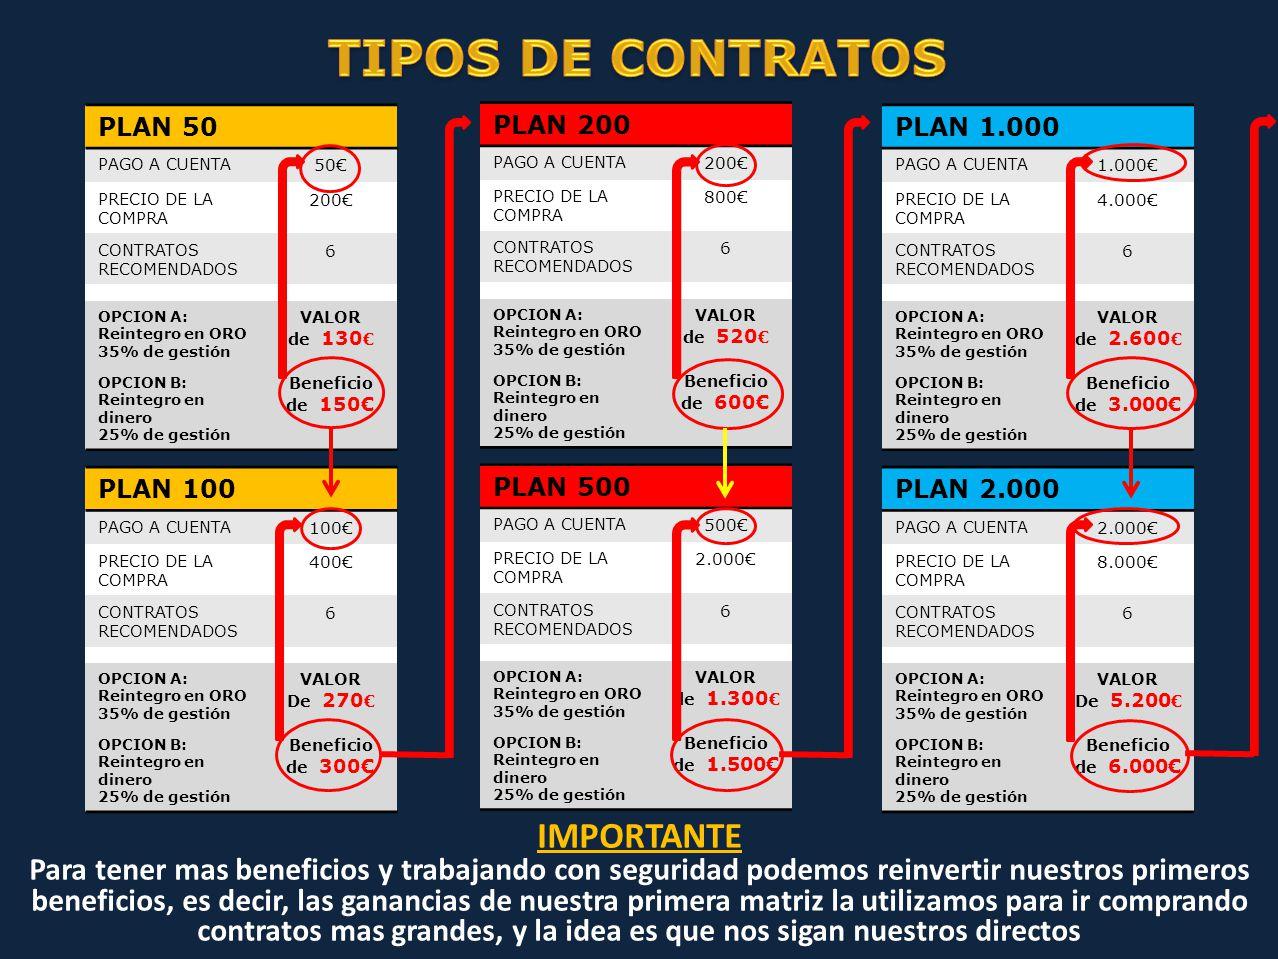 PLAN 50 PAGO A CUENTA 50€ PRECIO DE LA COMPRA 200€ CONTRATOS RECOMENDADOS 6 OPCION A: Reintegro en ORO 35% de gestión VALOR de 130 € OPCION B: Reintegro en dinero 25% de gestión Beneficio de 150€ PLAN 500 PAGO A CUENTA 500€ PRECIO DE LA COMPRA 2.000€ CONTRATOS RECOMENDADOS 6 OPCION A: Reintegro en ORO 35% de gestión VALOR de 1.300 € OPCION B: Reintegro en dinero 25% de gestión Beneficio de 1.500€ PLAN 100 PAGO A CUENTA 100€ PRECIO DE LA COMPRA 400€ CONTRATOS RECOMENDADOS 6 OPCION A: Reintegro en ORO 35% de gestión VALOR De 270 € OPCION B: Reintegro en dinero 25% de gestión Beneficio de 300€ PLAN 1.000 PAGO A CUENTA 1.000€ PRECIO DE LA COMPRA 4.000€ CONTRATOS RECOMENDADOS 6 OPCION A: Reintegro en ORO 35% de gestión VALOR de 2.600 € OPCION B: Reintegro en dinero 25% de gestión Beneficio de 3.000€ PLAN 200 PAGO A CUENTA 200€ PRECIO DE LA COMPRA 800€ CONTRATOS RECOMENDADOS 6 OPCION A: Reintegro en ORO 35% de gestión VALOR de 520 € OPCION B: Reintegro en dinero 25% de gestión Beneficio de 600€ PLAN 2.000 PAGO A CUENTA 2.000€ PRECIO DE LA COMPRA 8.000€ CONTRATOS RECOMENDADOS 6 OPCION A: Reintegro en ORO 35% de gestión VALOR De 5.200 € OPCION B: Reintegro en dinero 25% de gestión Beneficio de 6.000€ IMPORTANTE Para tener mas beneficios y trabajando con seguridad podemos reinvertir nuestros primeros beneficios, es decir, las ganancias de nuestra primera matriz la utilizamos para ir comprando contratos mas grandes, y la idea es que nos sigan nuestros directos